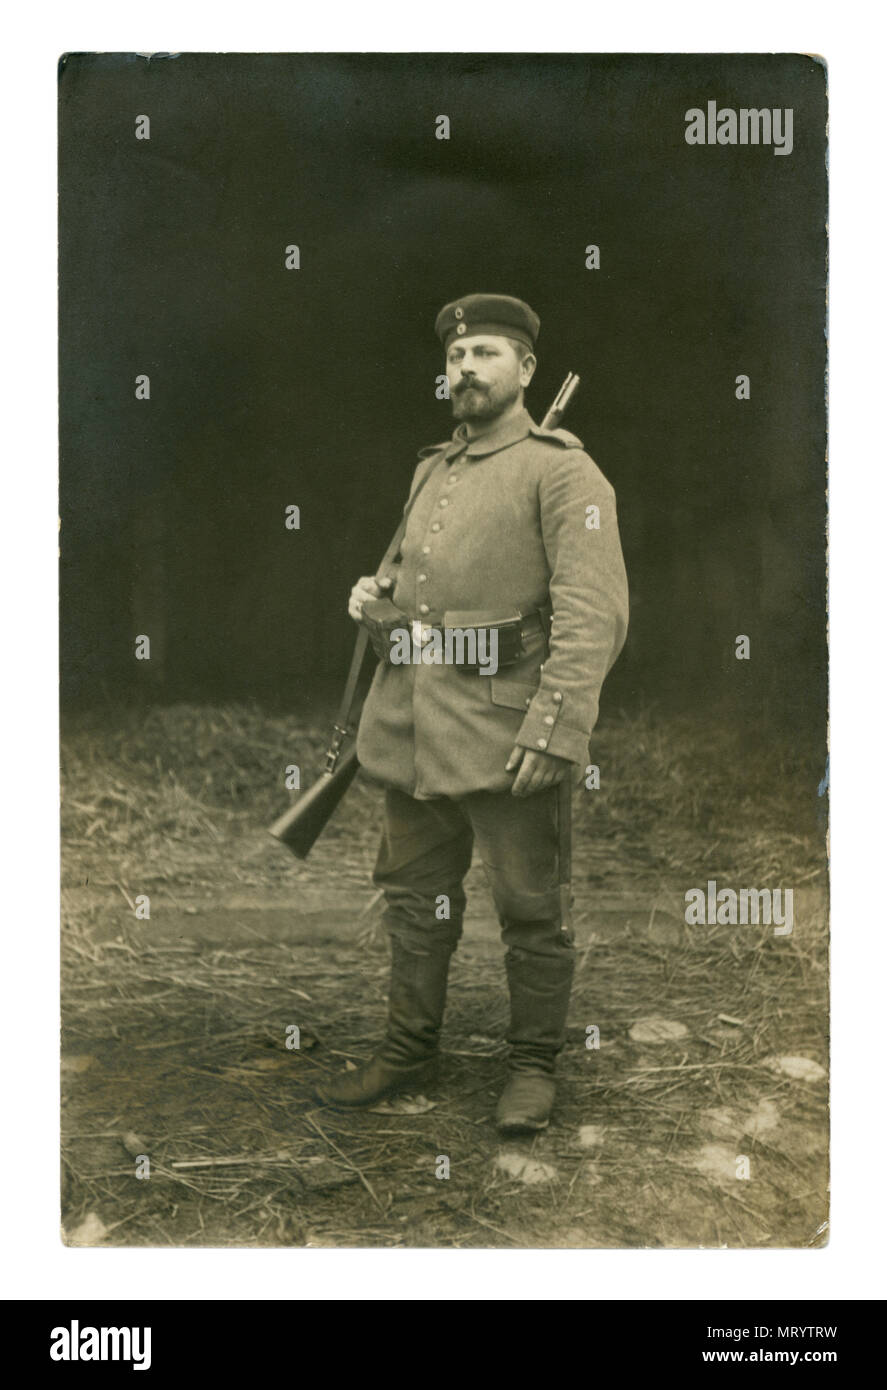 Deutsches Historisches Foto: ein Soldat mit einem Bierbauch in Uniform in vollem Gang mit einem Gewehr über der Schulter posing außerhalb. Erster Weltkrieg Stockfoto